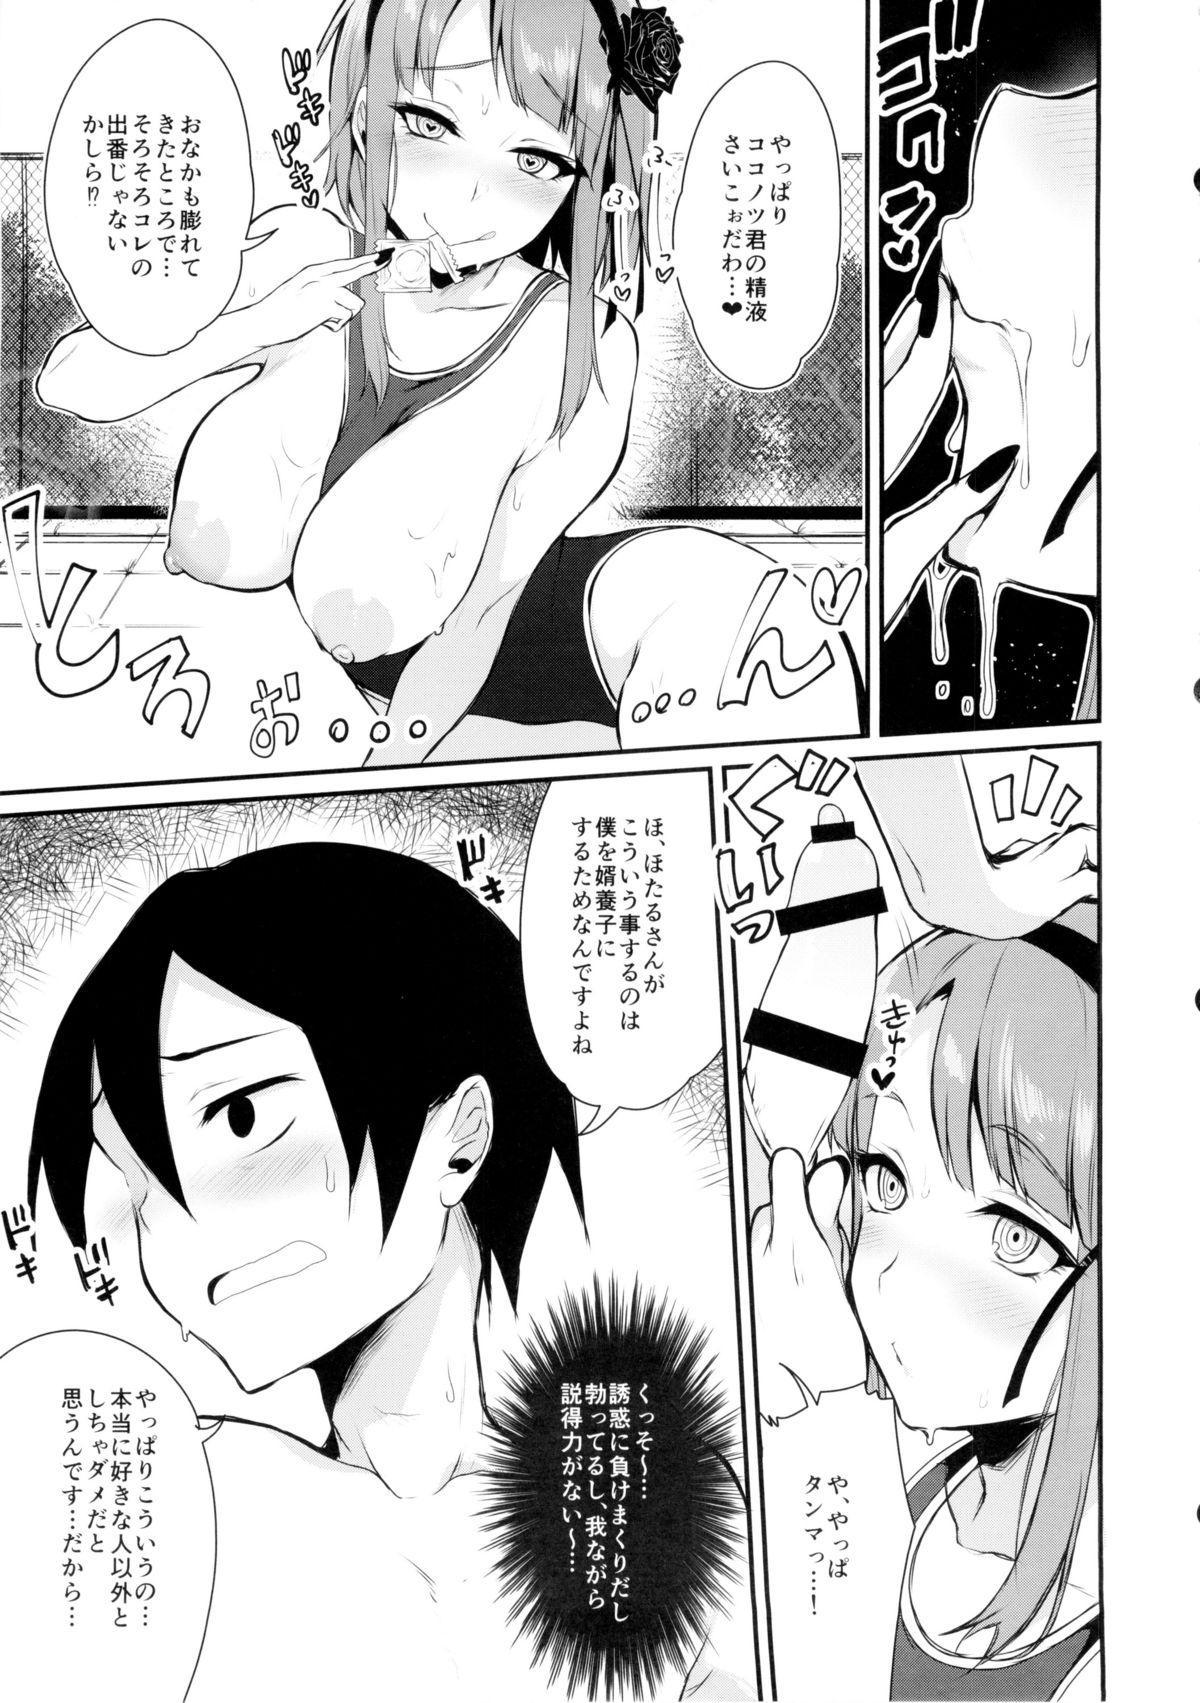 Otona no dagashi 2 14